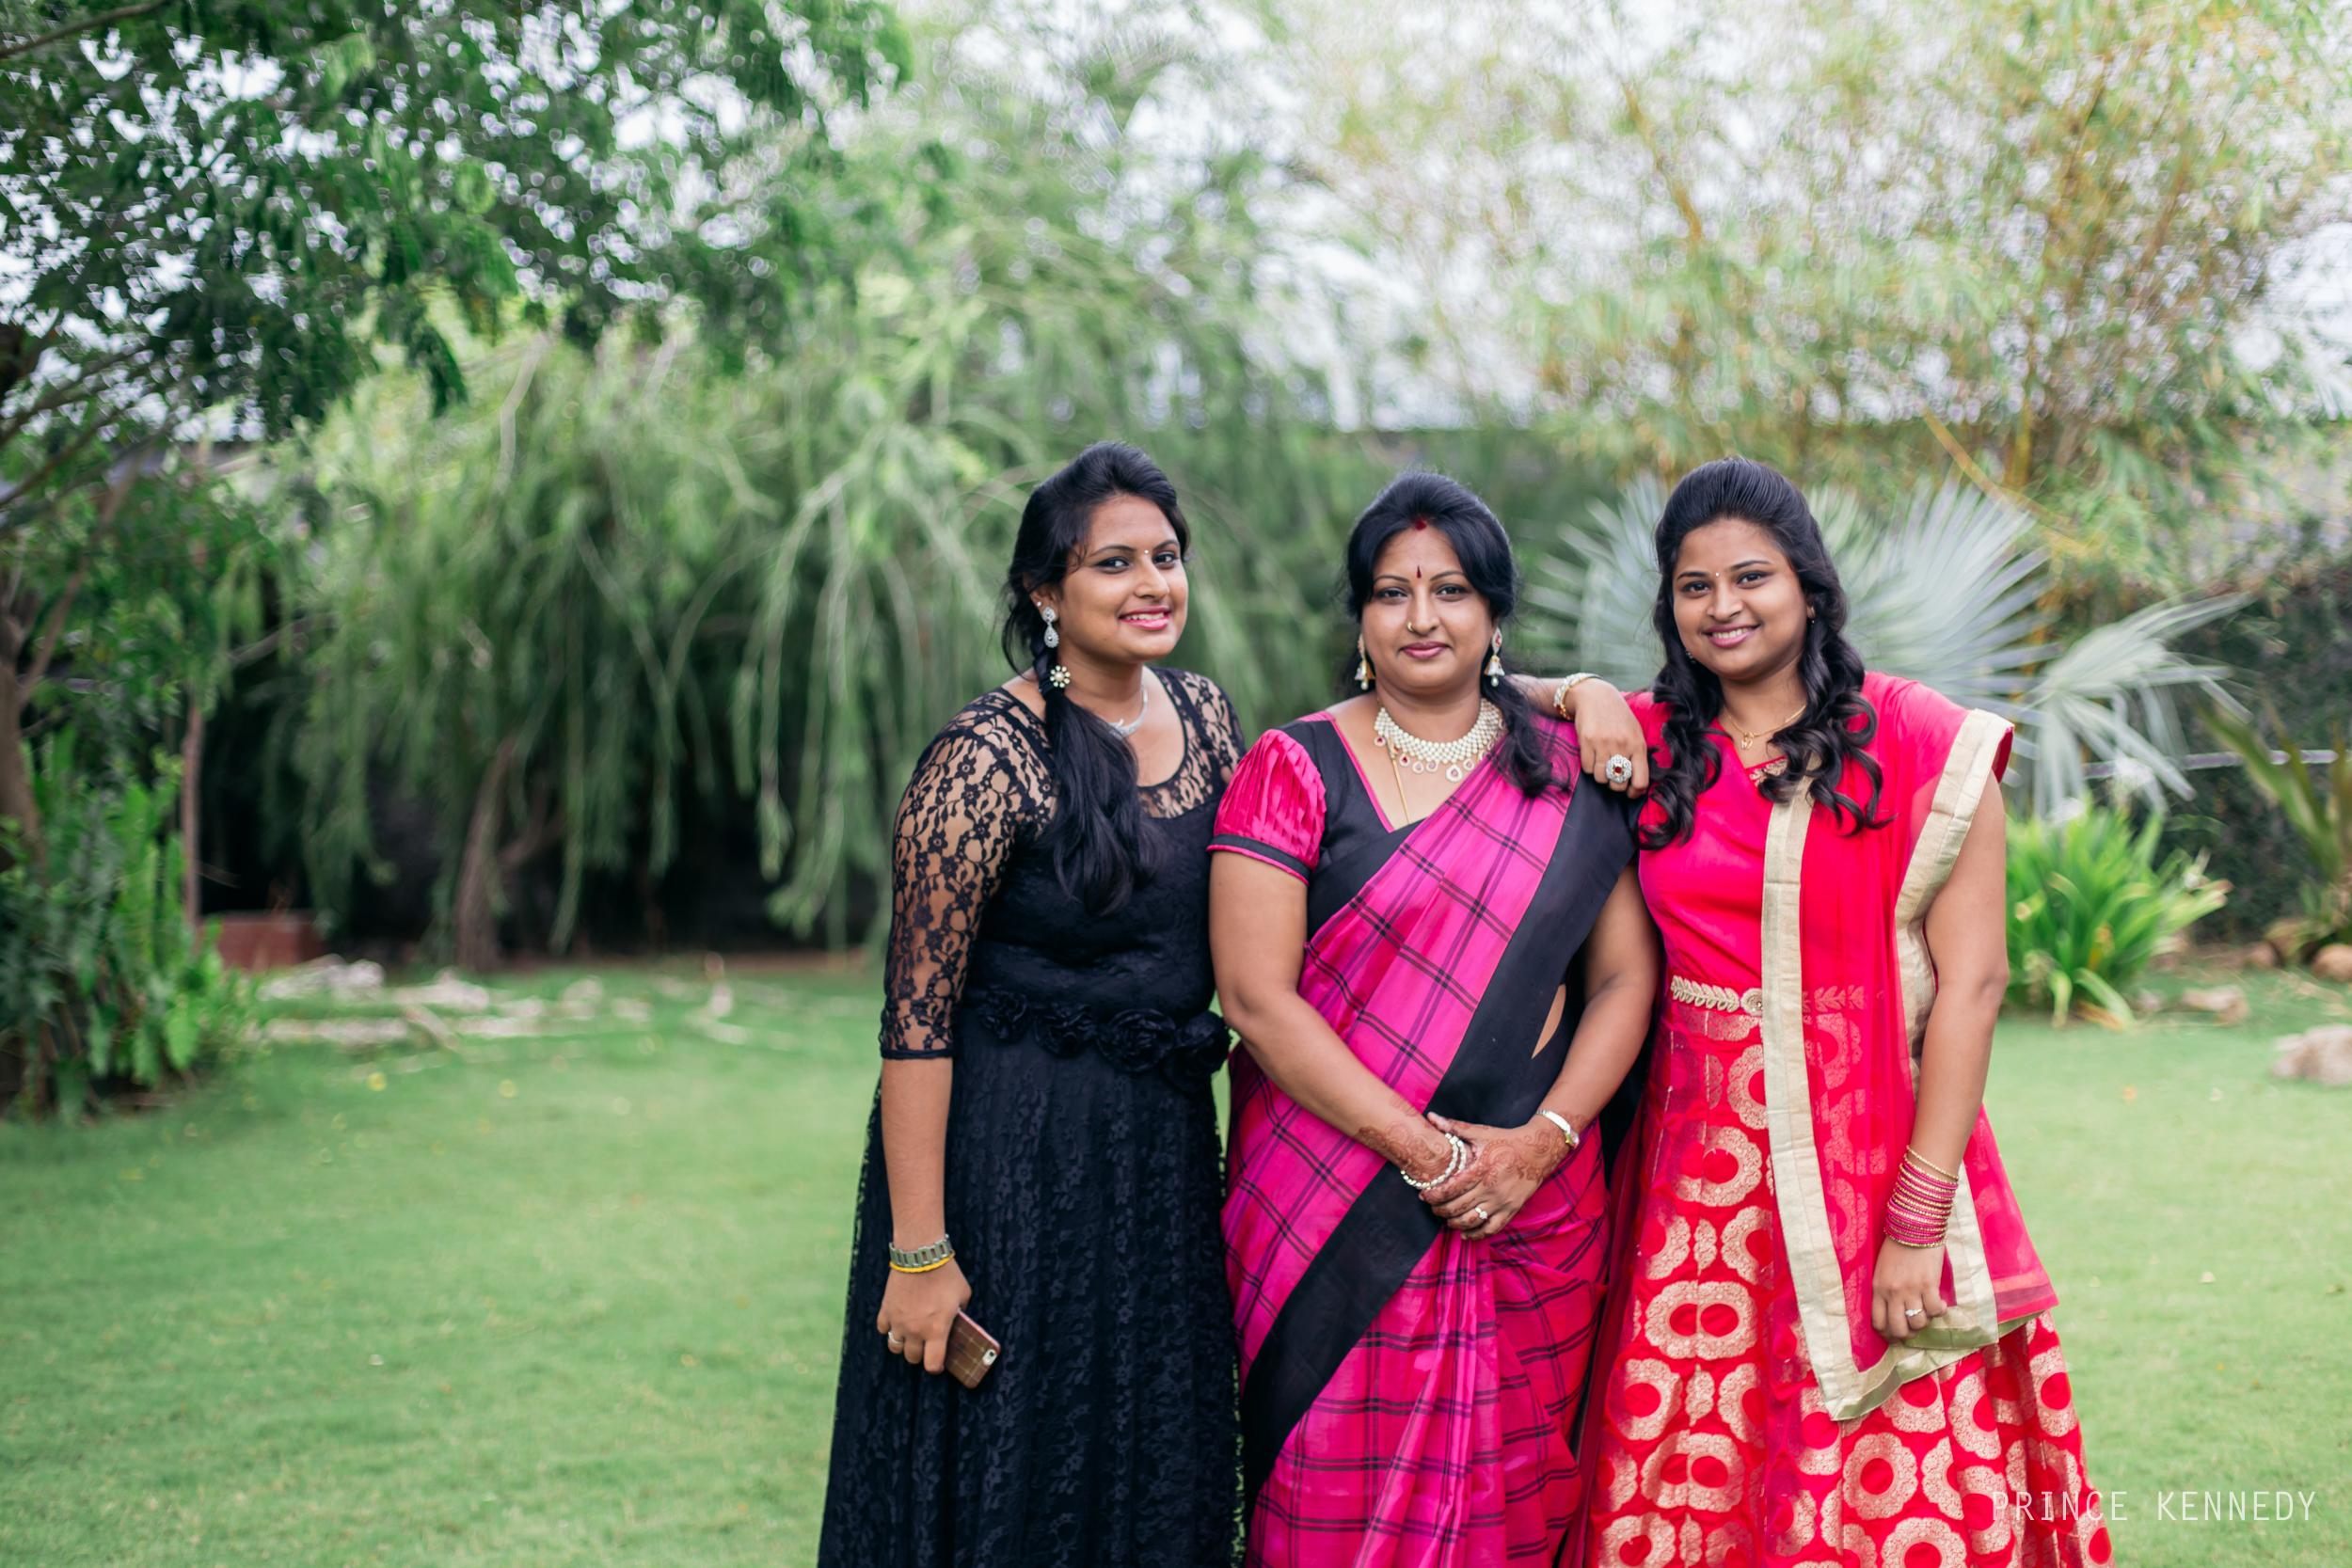 Engagement-Couple-Portrait-Portraiture-Wedding-Couple-Portrait-Chennai-Photographer-Candid-Photography-Destination-Best-Prince-Kennedy-Photography-120.jpg